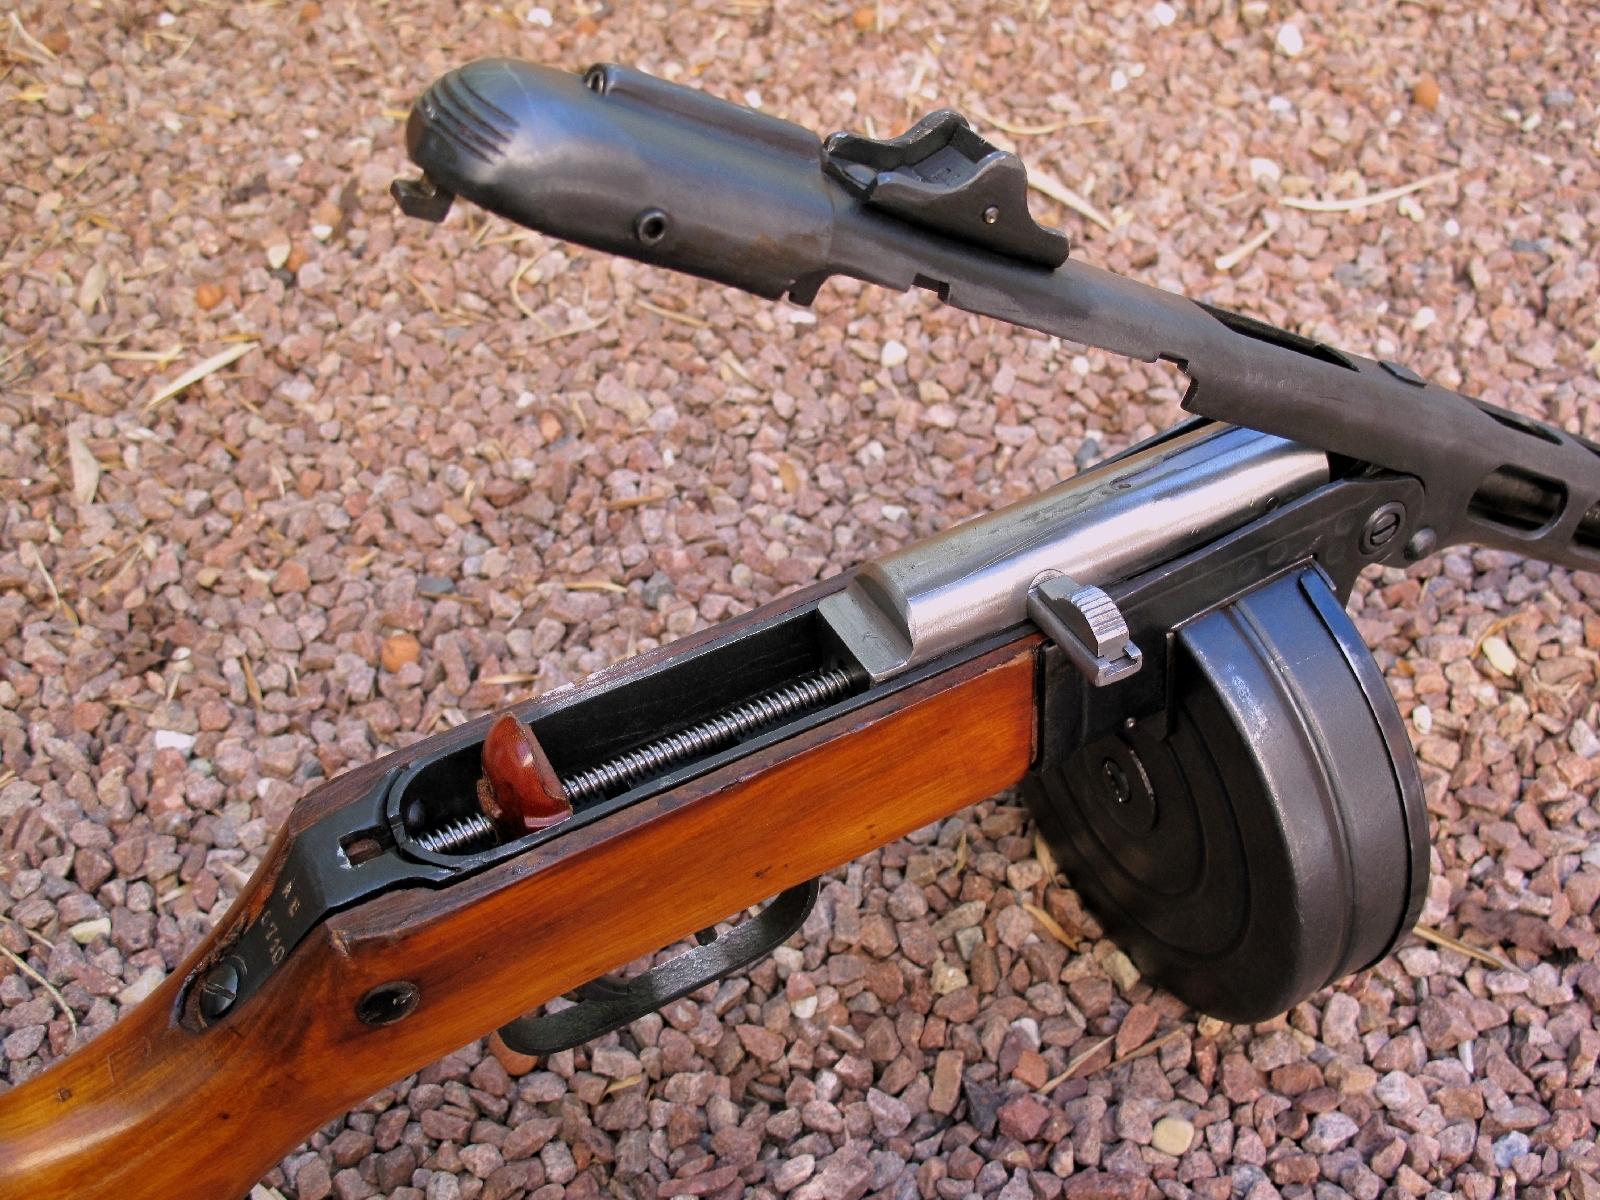 Une fois le canon basculé vers l'avant, la culasse et son système récupérateur peuvent être aisément extraits. On notera la présence d'un amortisseur de recul, constitué de bois aggloméré et de résine, qui reste rattaché au système récupérateur.